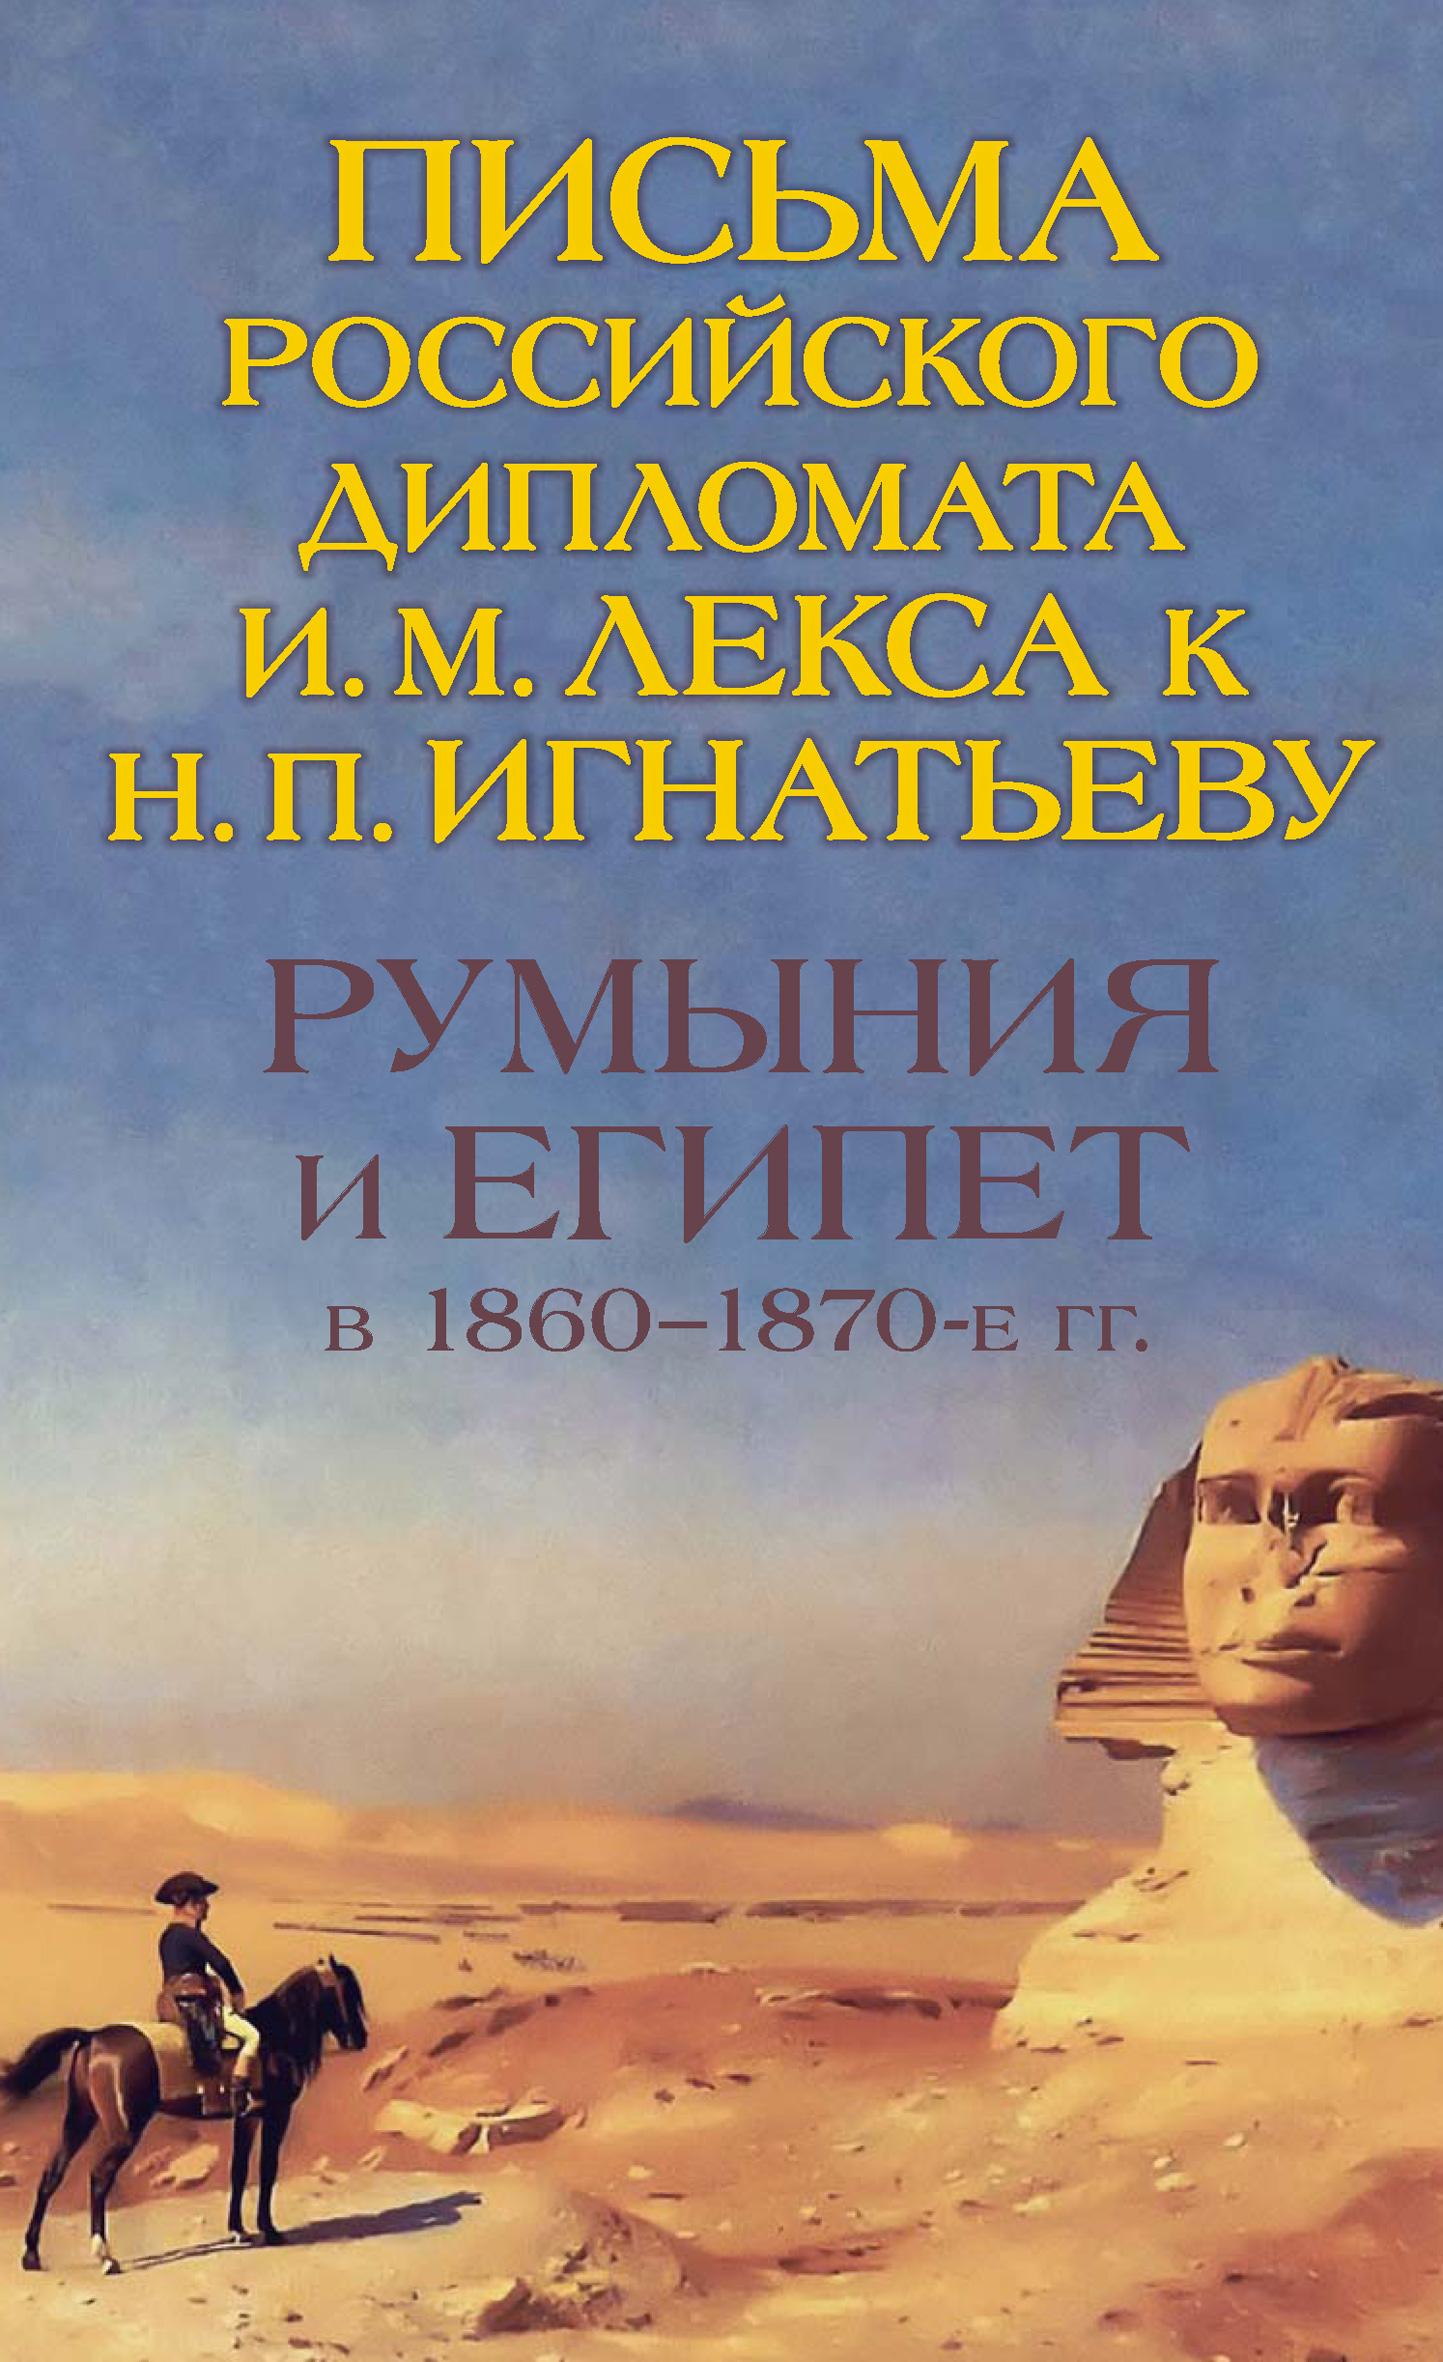 Отсутствует Румыния и Египет в 1860-1870-е гг. Письма российского дипломата И. И. Лекса к Н. П. Игнатьеву